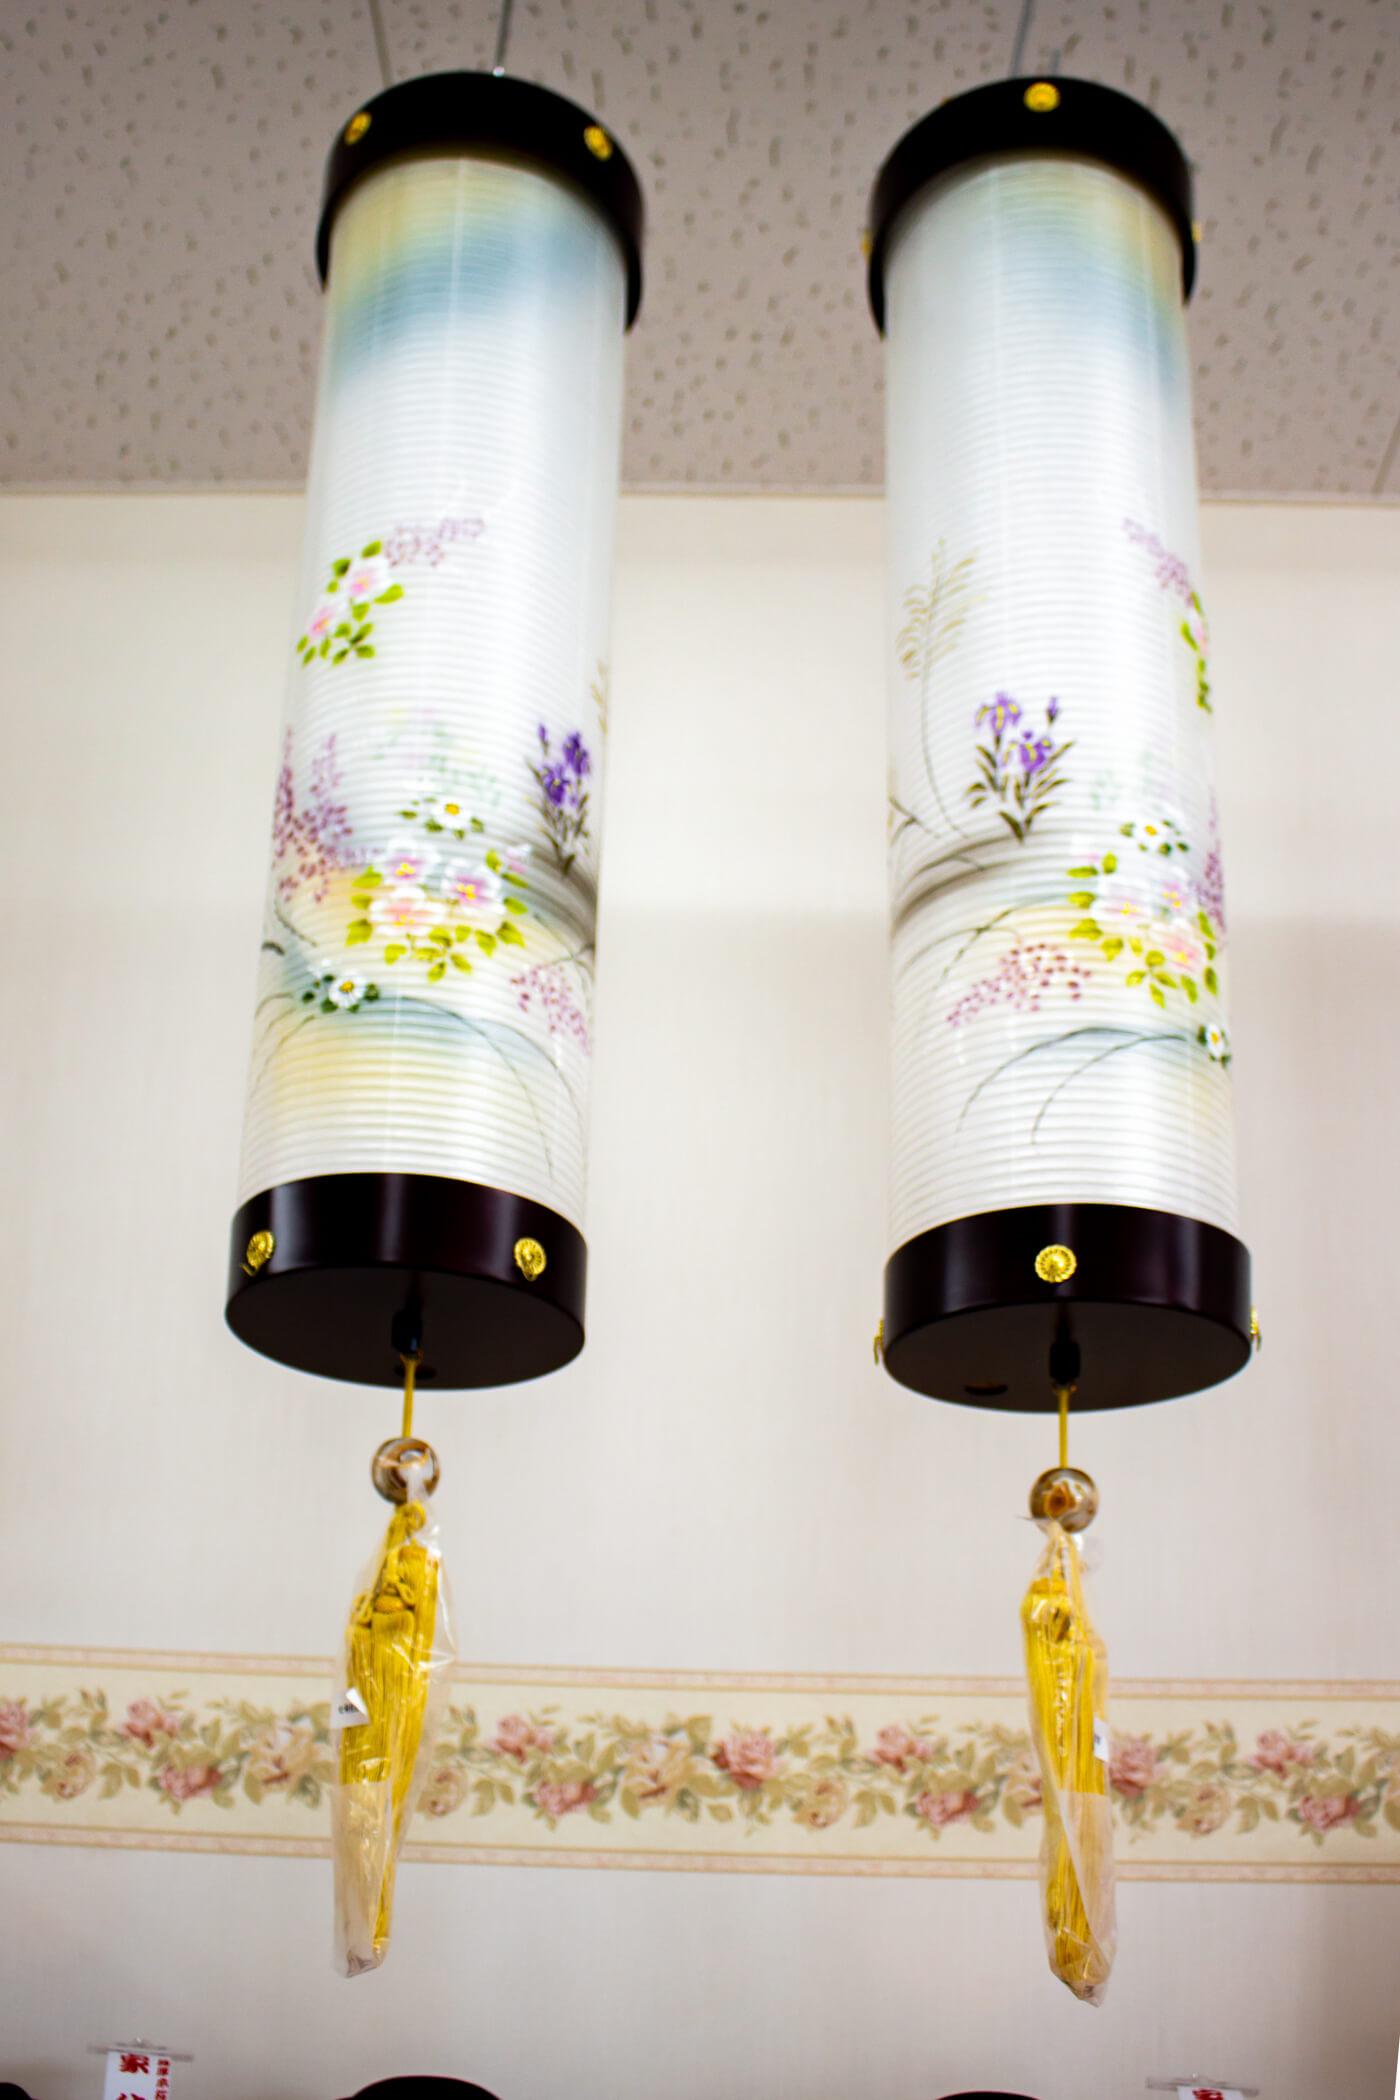 祭壇(お仏壇)の横へ上から吊るす「住吉提灯(すみよしちょうちん)」